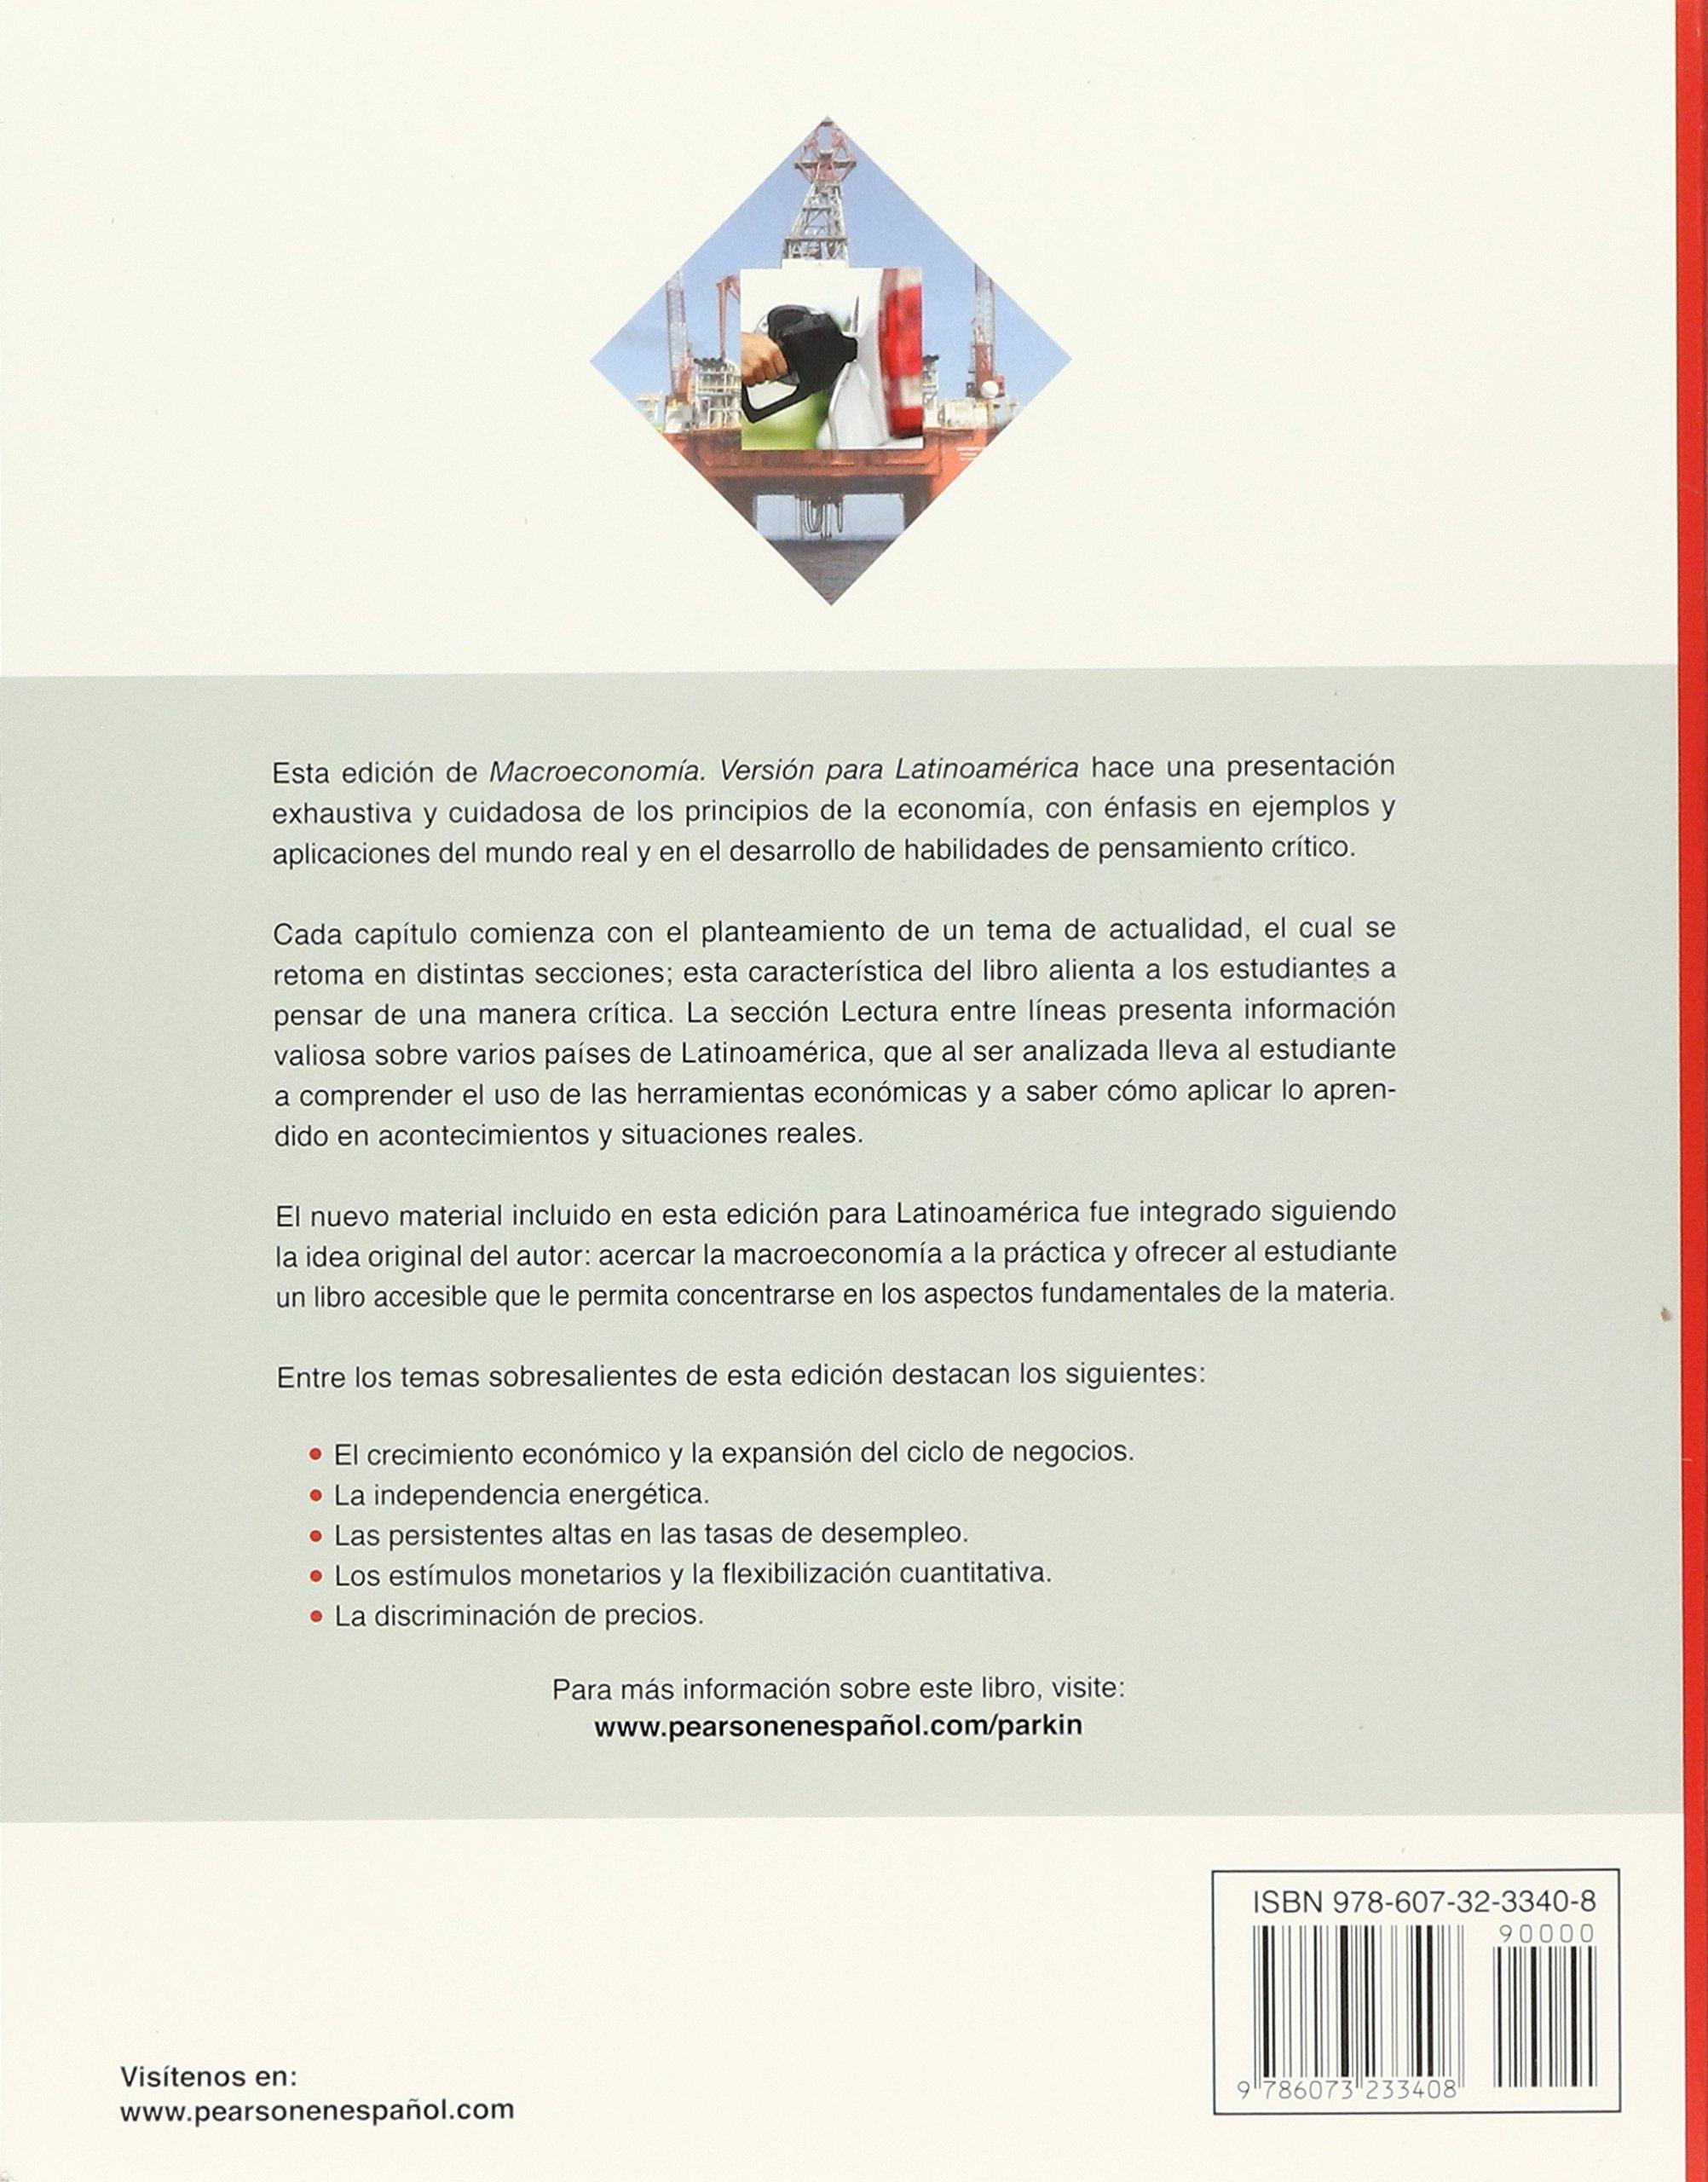 Macroeconomia version para latinoamerica parkin 9786073233408 macroeconomia version para latinoamerica parkin 9786073233408 amazon books fandeluxe Images